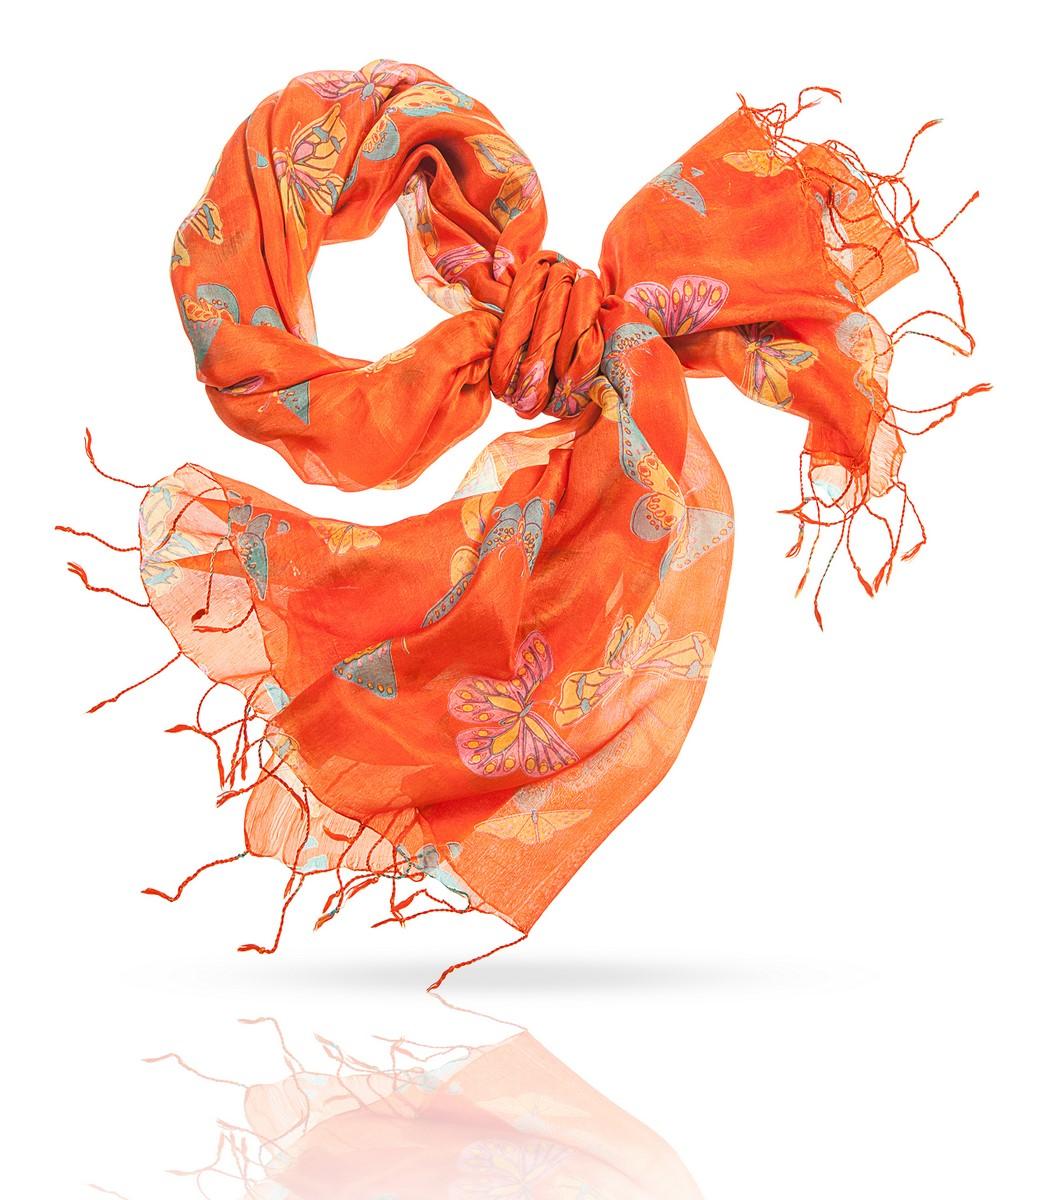 Палантин Michel Katana, цвет: оранжевый. S-BUTTERFLY. Размер 110 см х 180 смS-BUTTERFLY/ORANGEЖенственность и легкость этого очаровательного шелкового палантина делают его универсальным подарком для прекрасной дамы любого возраста - а если дама умеет любить себя, она и сама подарит себе эту радость. Даже в самом строгом деловом образе, дополненном этим аксессуаром, станет больше радости, нежности и света. Тончайшая фактура позволяет завязать палантин множеством разных способов, а если вы расправите палантин на плечах, вашу фигуру окружит сонм прекрасных бабочек. Что может быть очаровательнее?